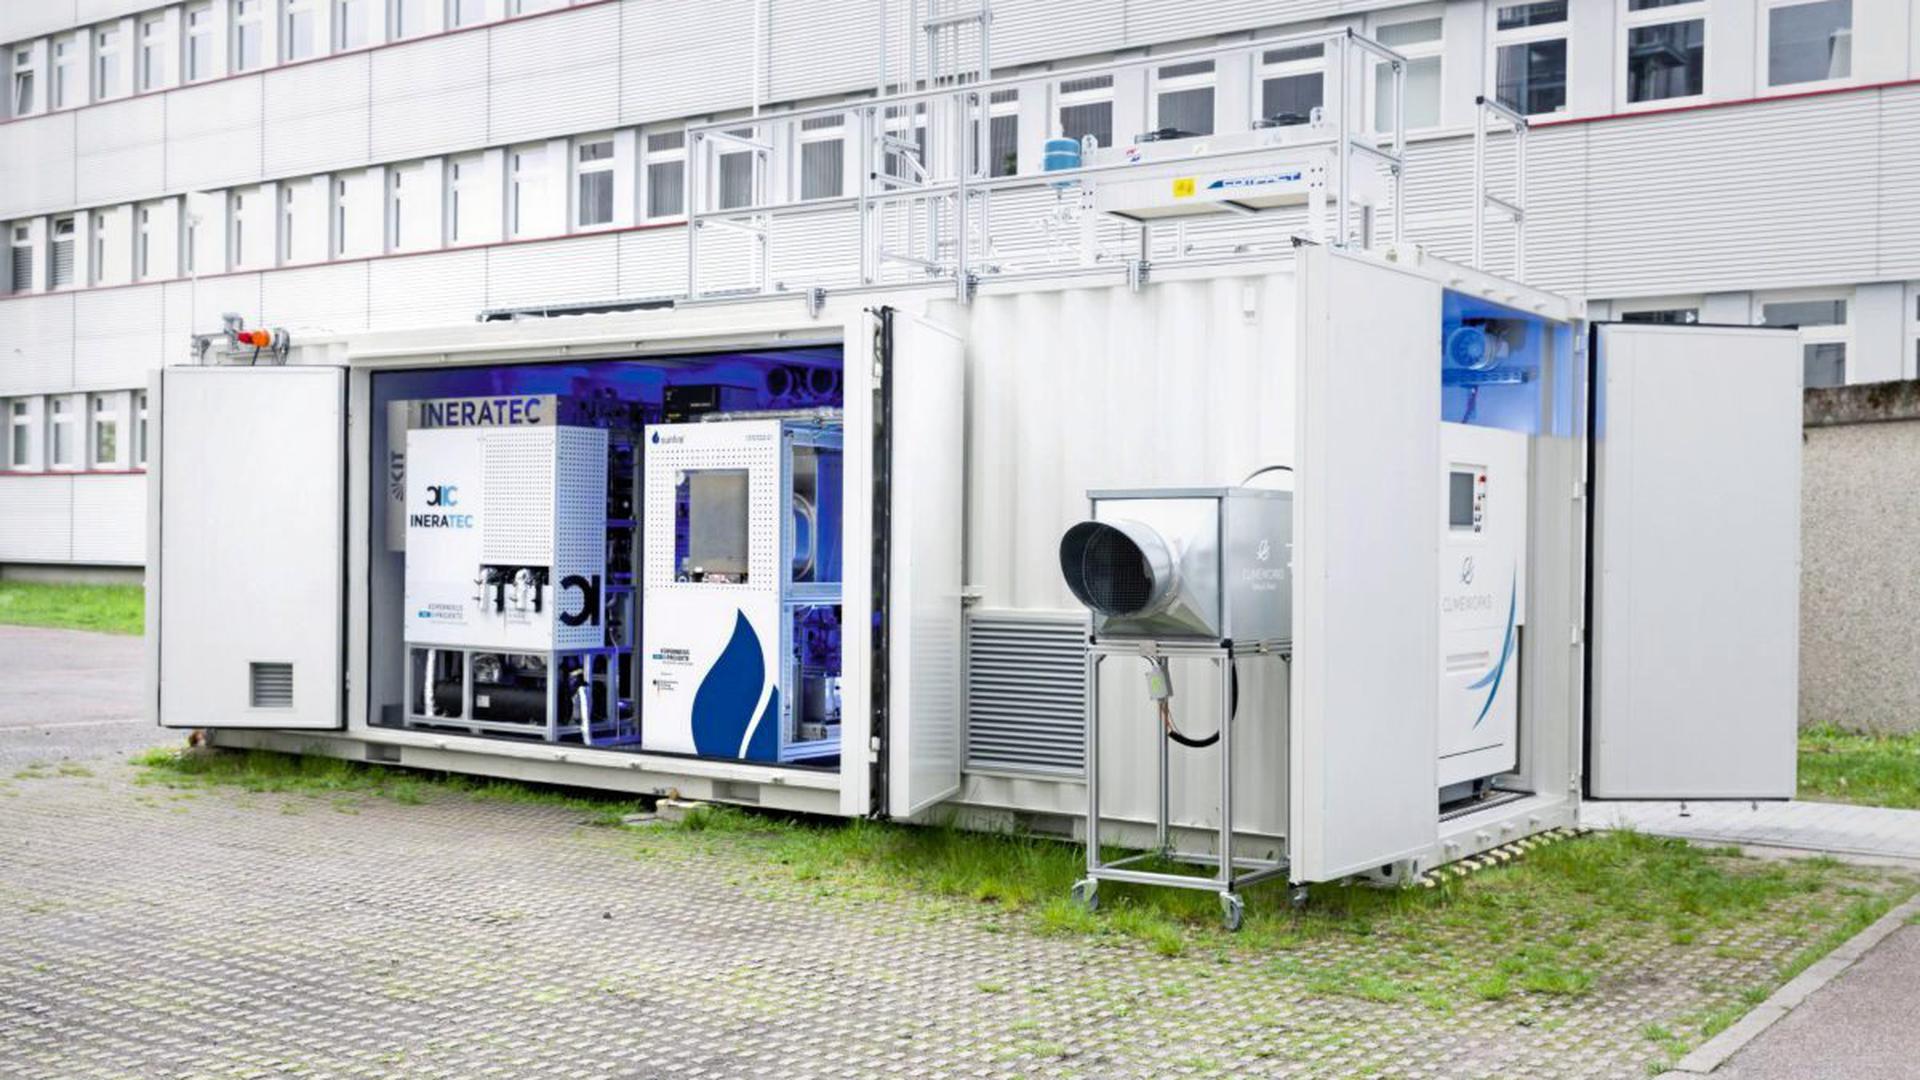 Die weltweit erste integrierte Power-to-Liquid (PtL) Versuchsanlage zur Synthese von Kraftstoffen aus dem Kohlendioxid der Luft.